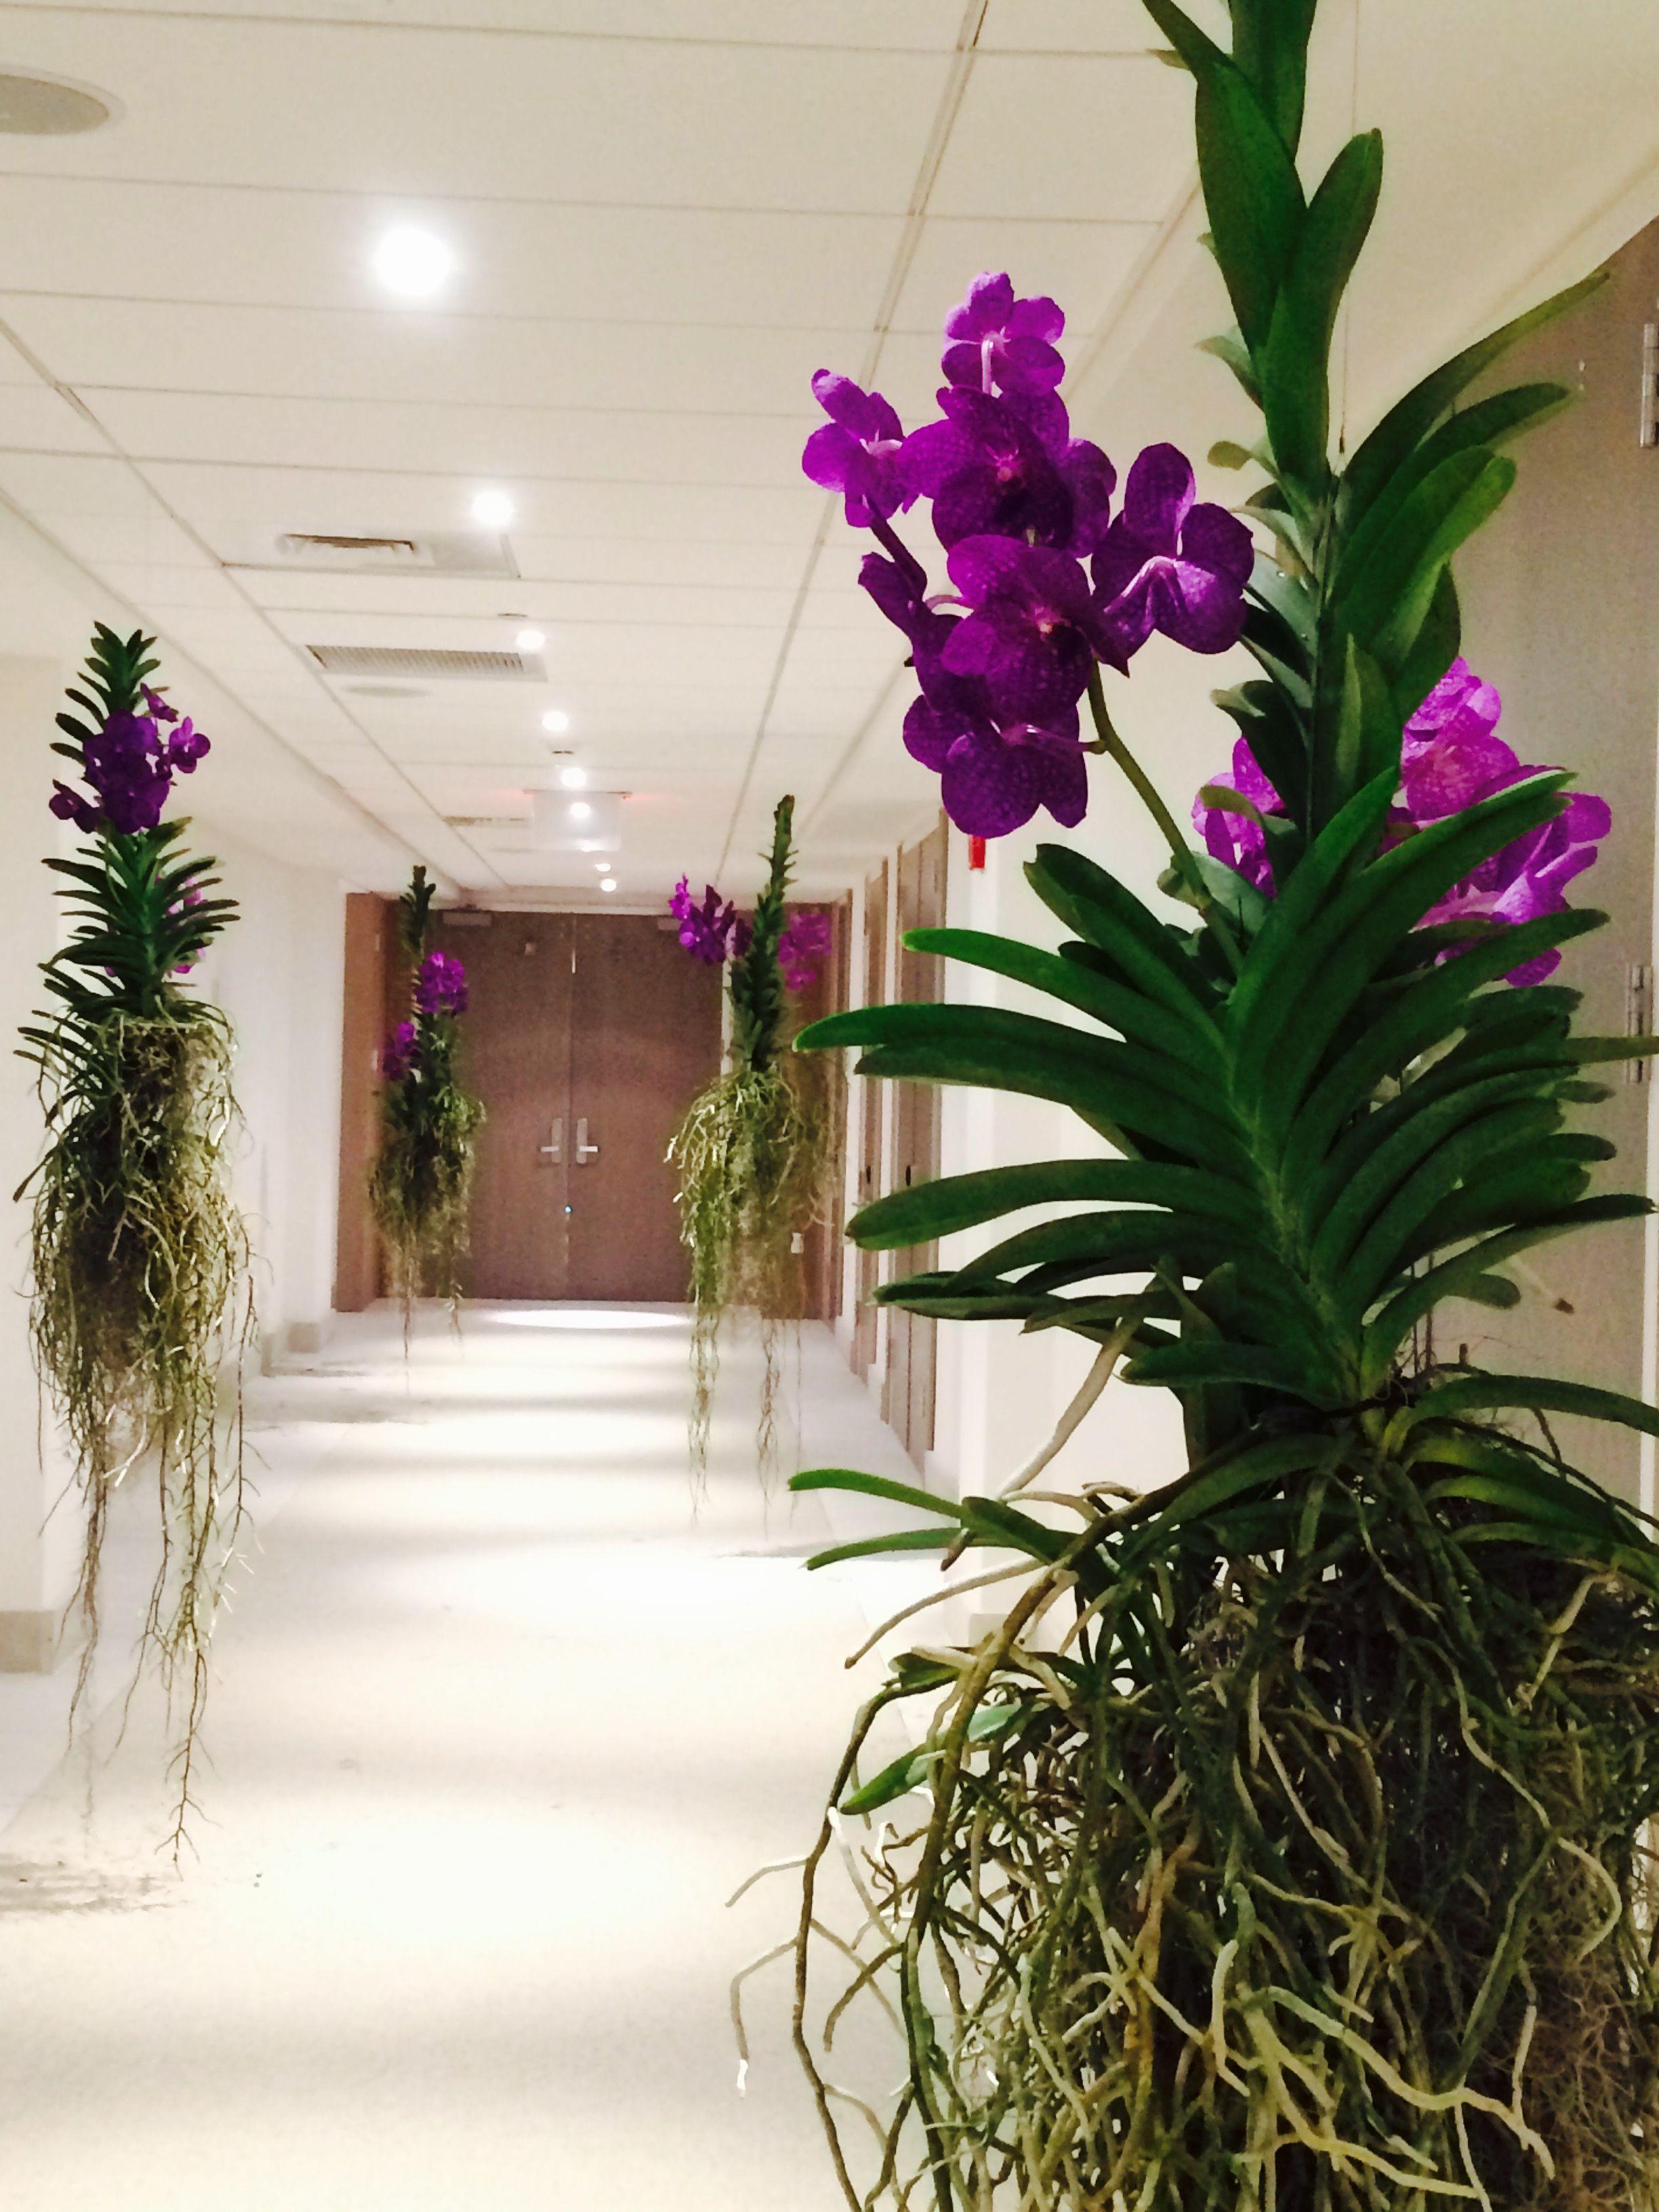 Цветы в майами купить, цветов